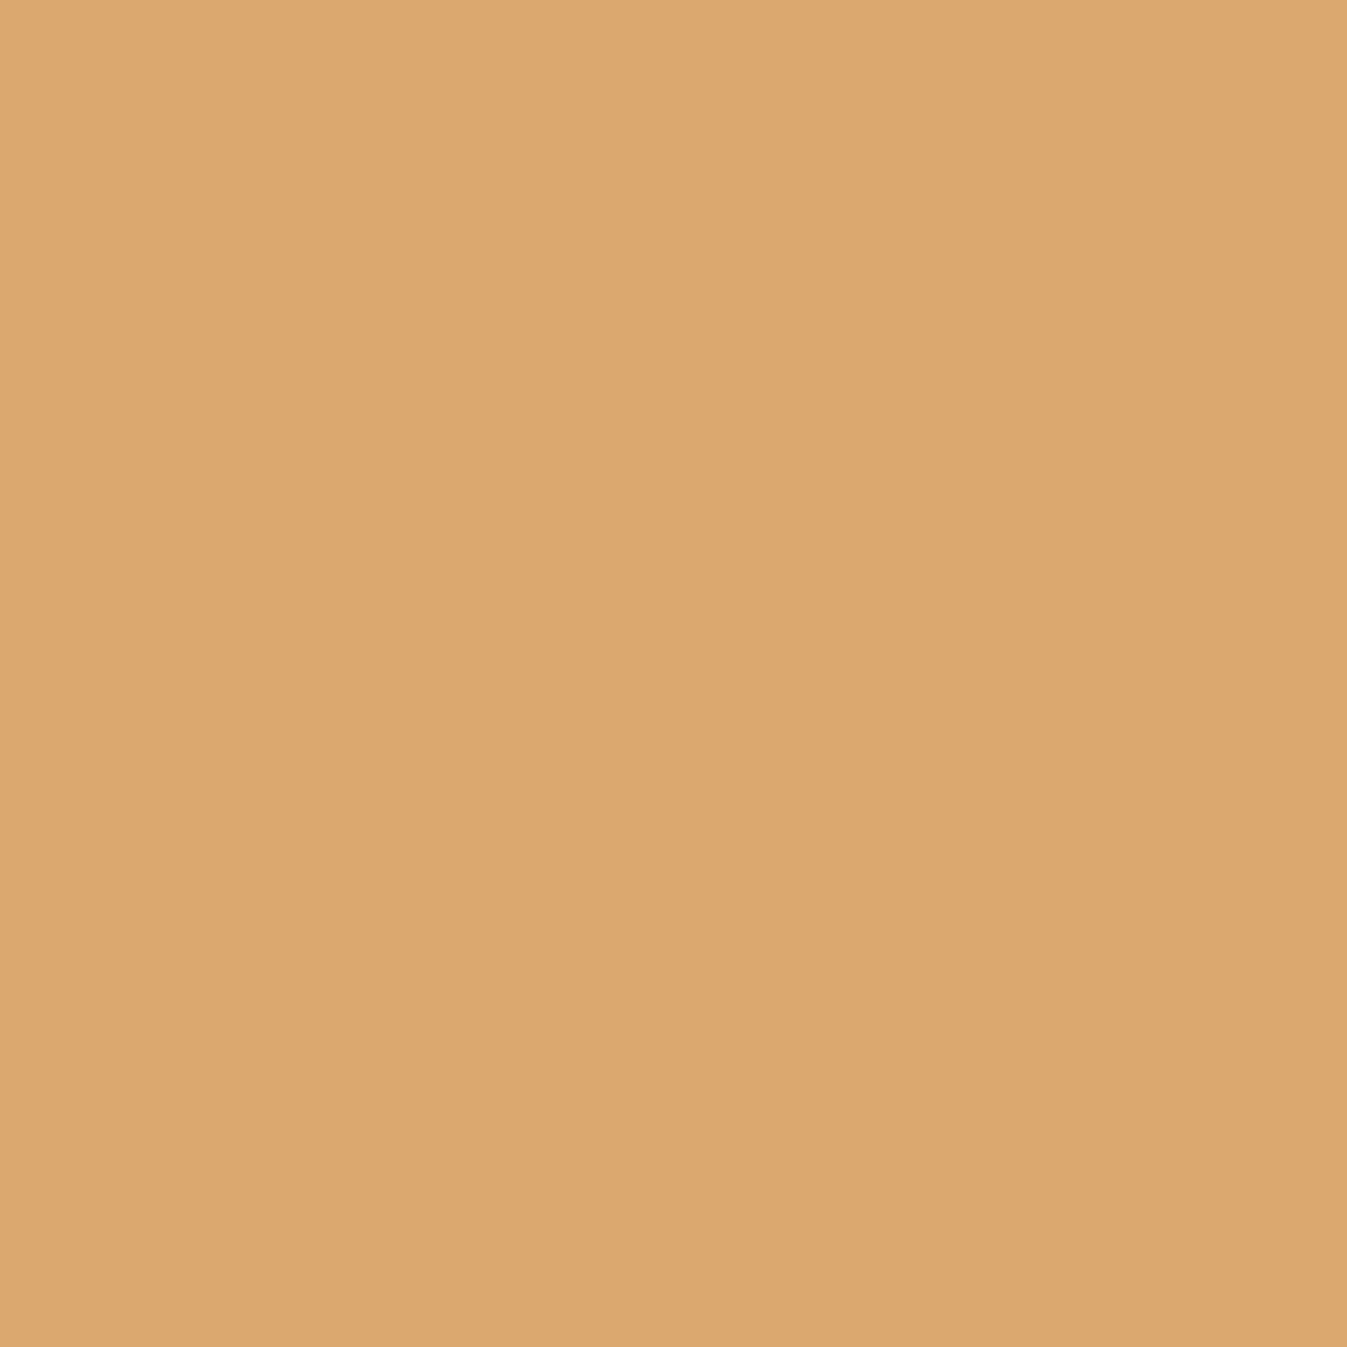 稚魚セント通知SANMIMORE(サンミモレ化粧品) UVパクト 50号ライトオークル (レフィル 替パフ付)